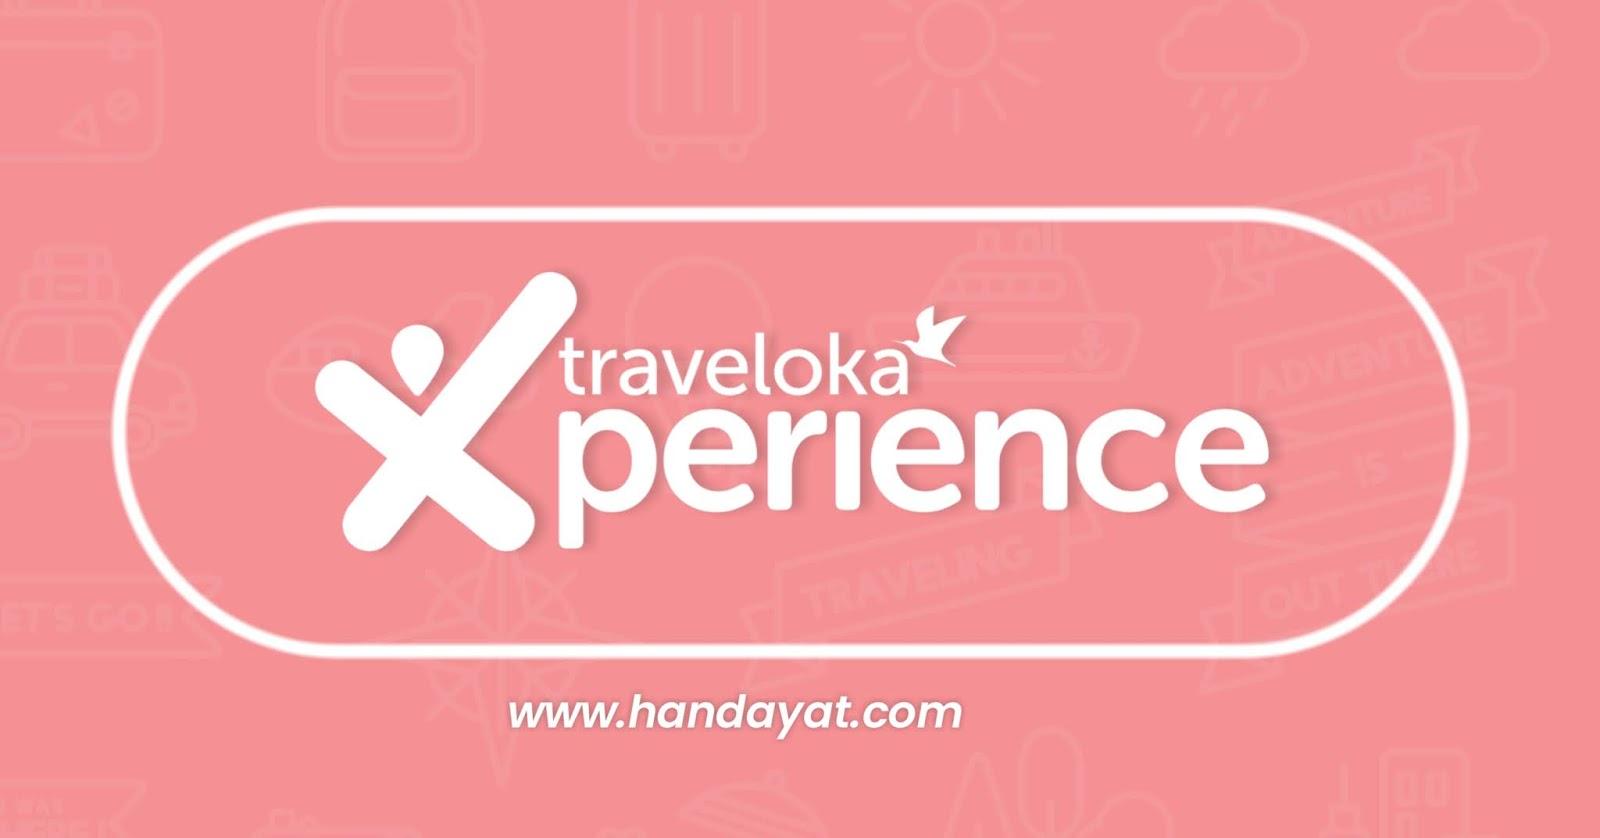 Traveloka Xperience, Cara Baru yang Asik Menikmati Liburan 1